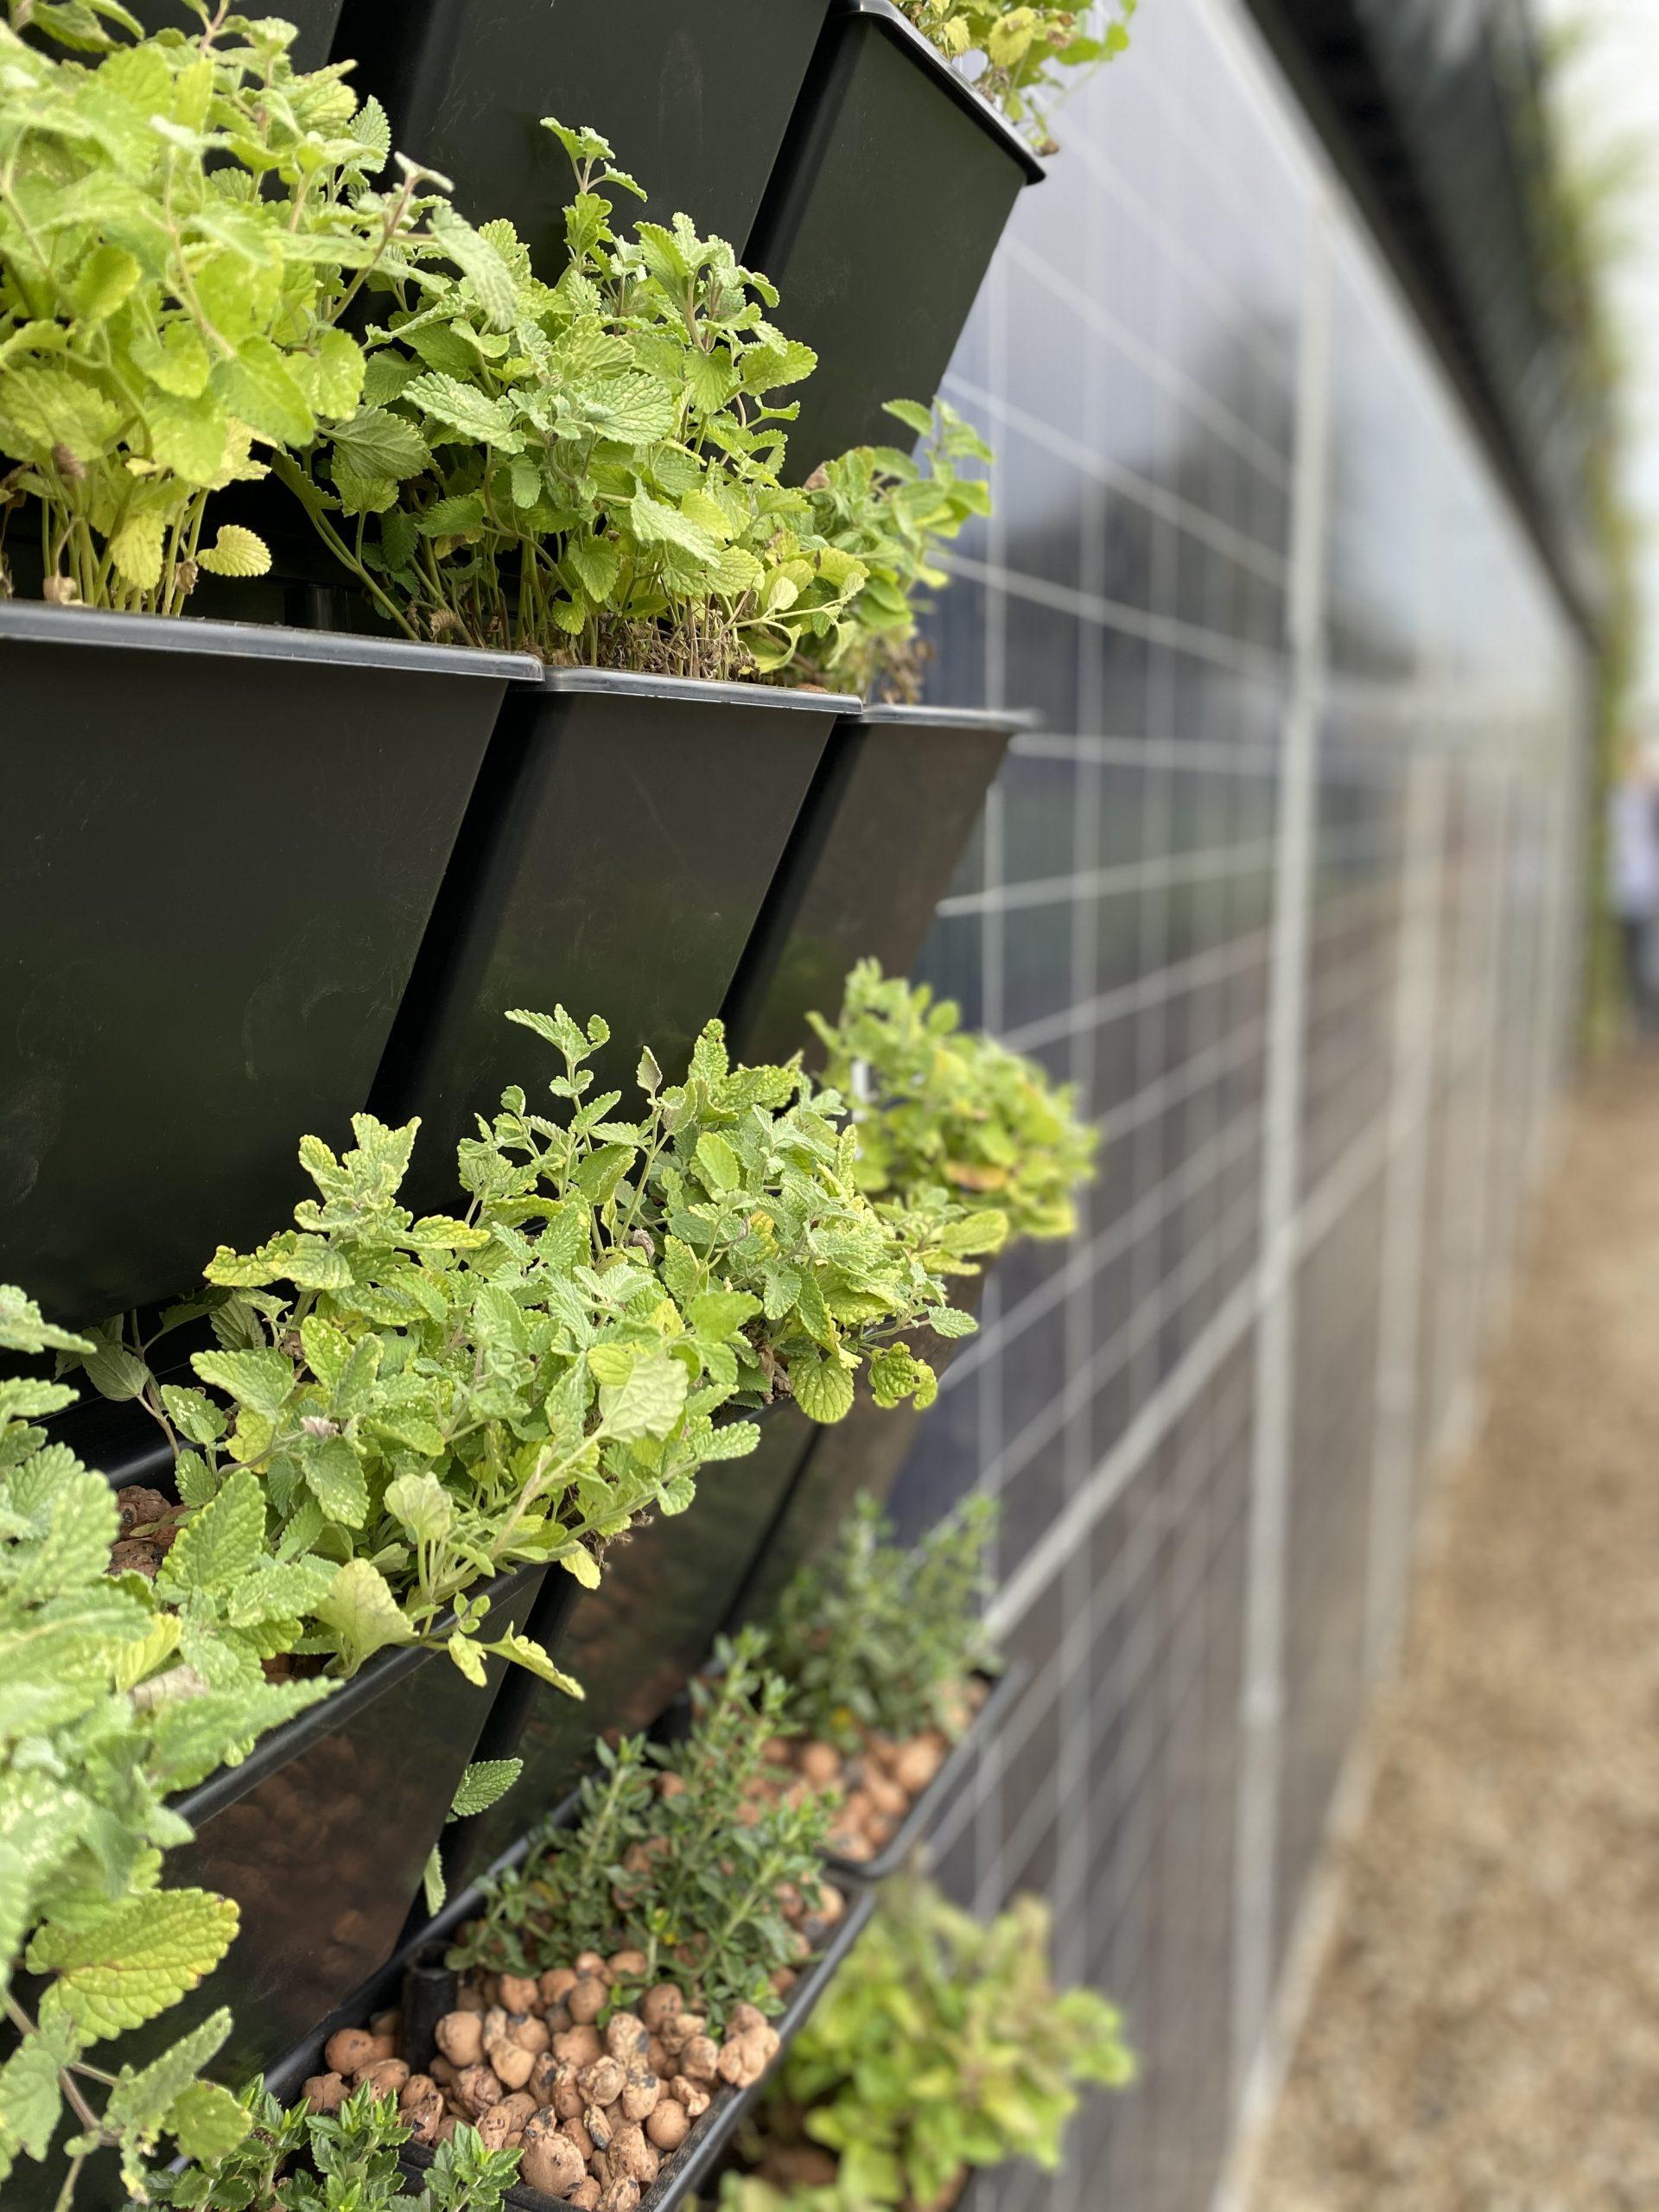 Photovoltaik und Indoor-Farming revolutionieren die Landwirtschaft / Pixabay